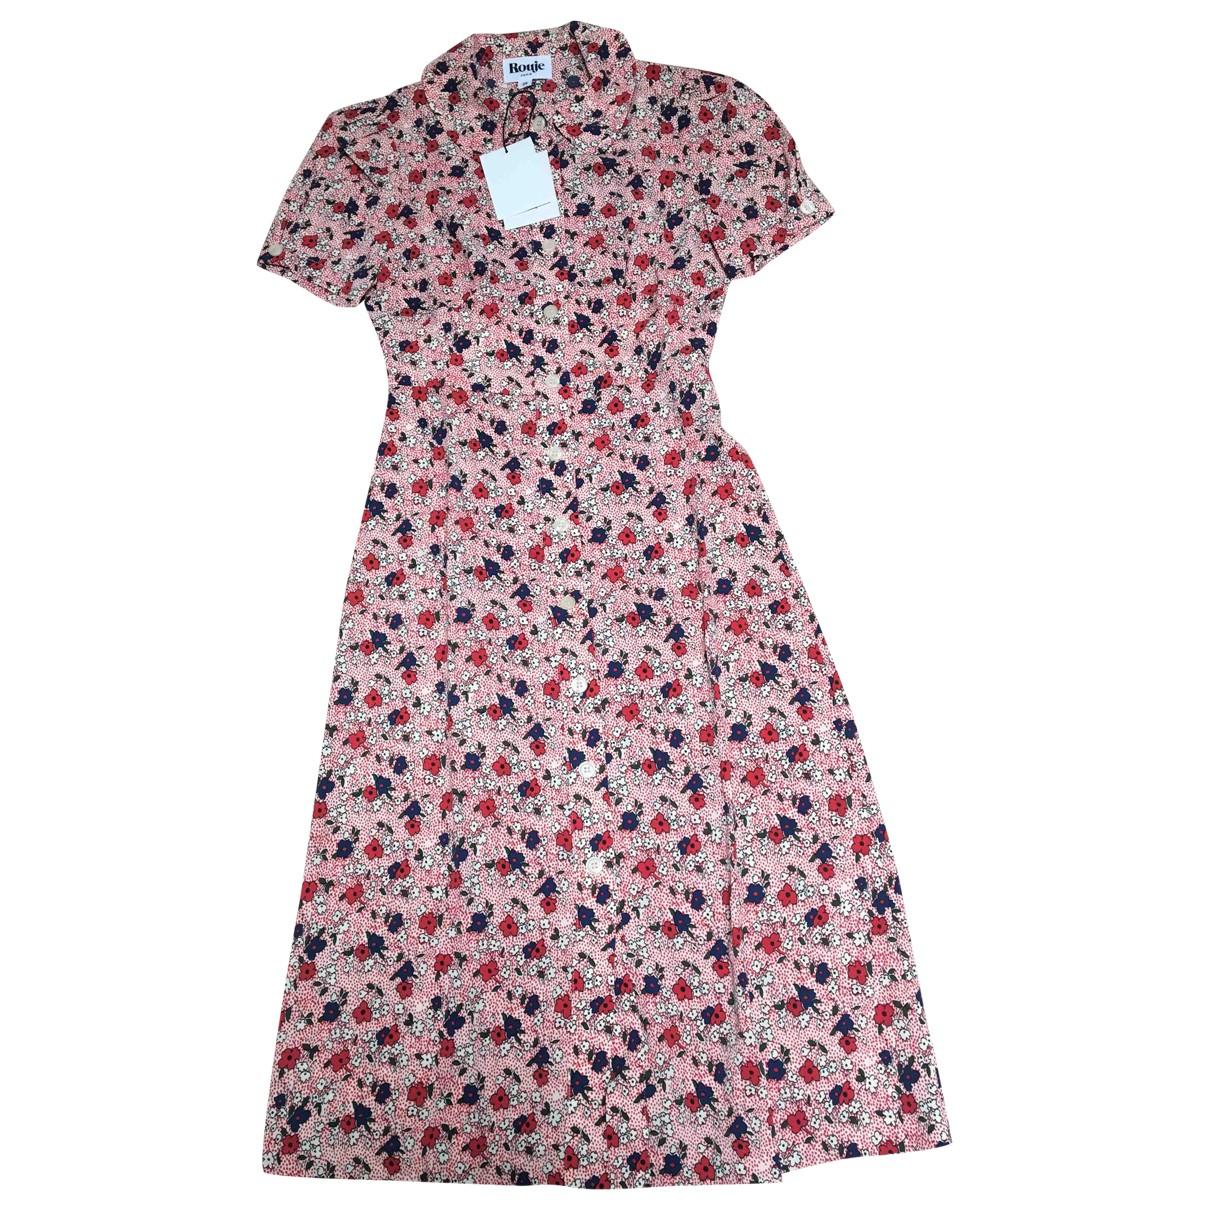 Rouje \N dress for Women 36 FR